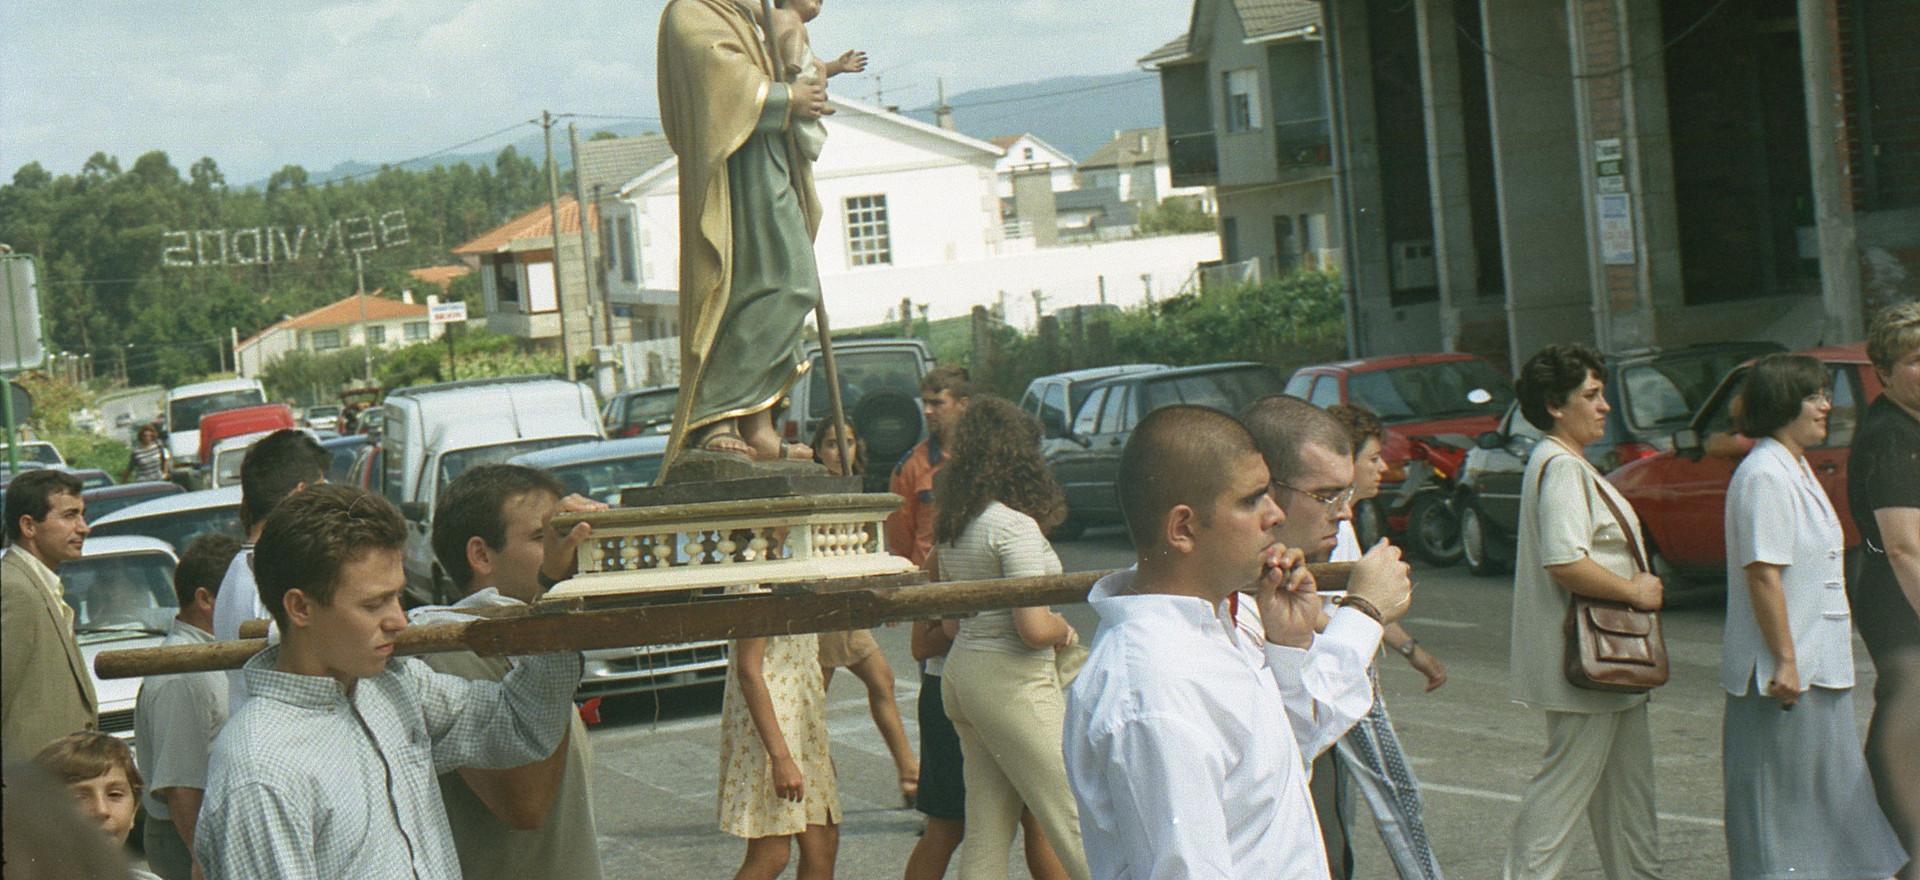 99_09_04_Mozos e mozas de Beluso_010.jpg